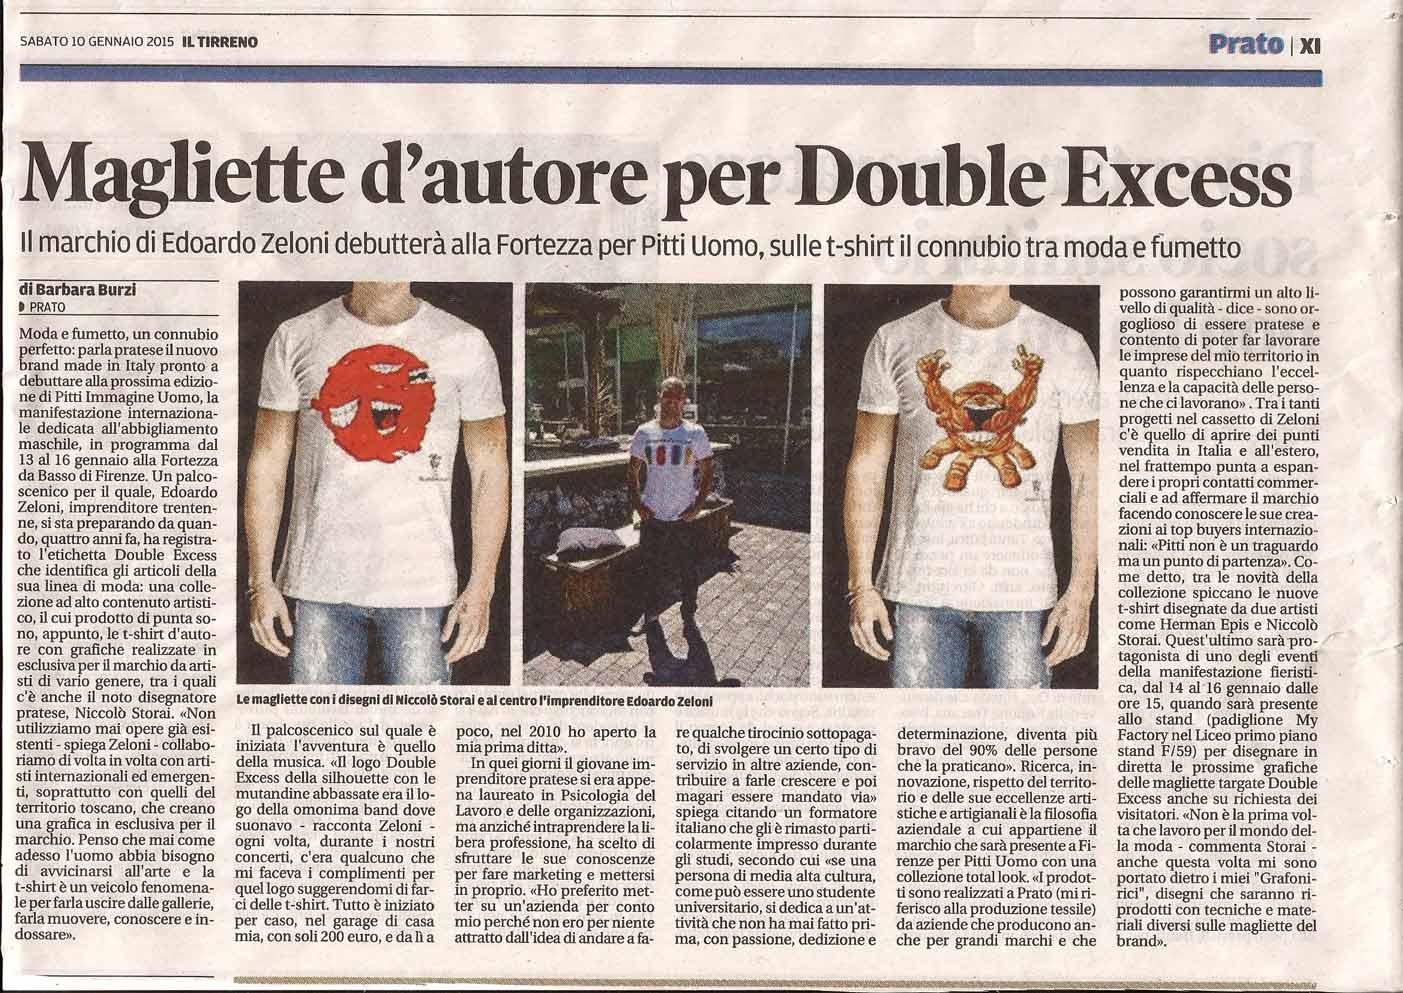 IL TIRRENO Magliette-d'autore-per-Double-Excess-10-01-2015